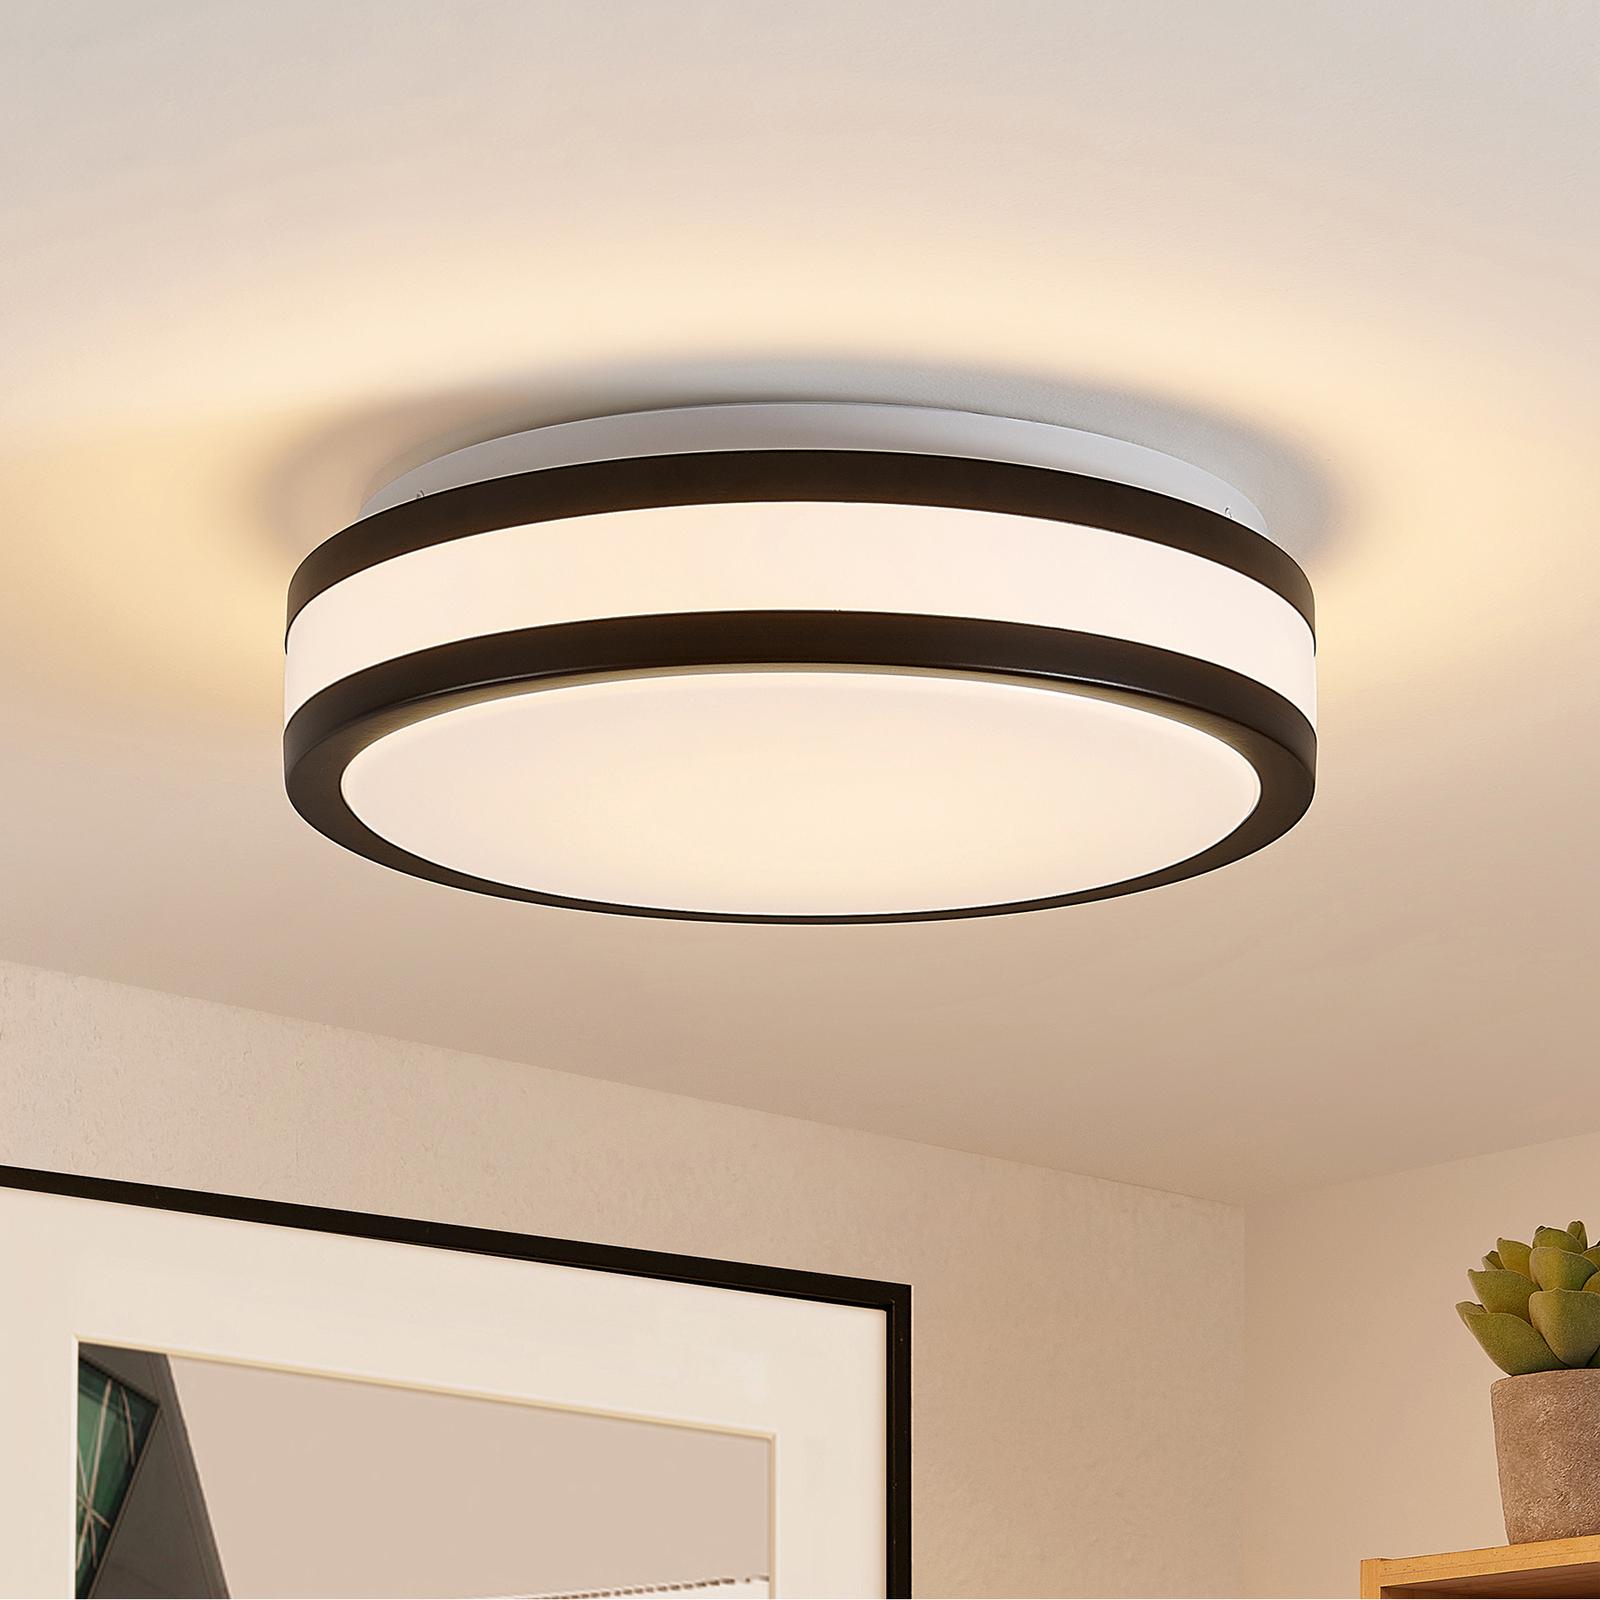 Lindby Teun LED-Deckenleuchte, rund, 29 cm